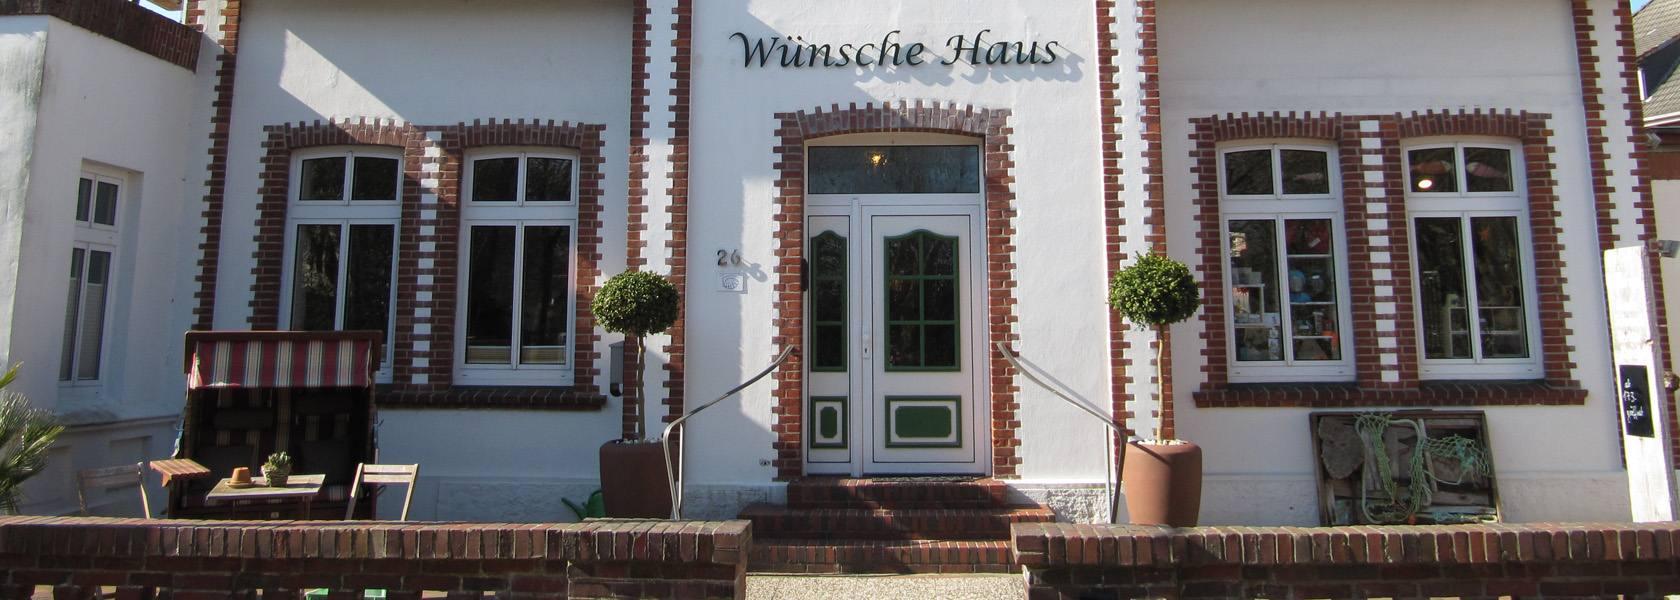 Wünsche-Haus auf Wangerooge, © Die Nordsee GmbH, Amke Behrends